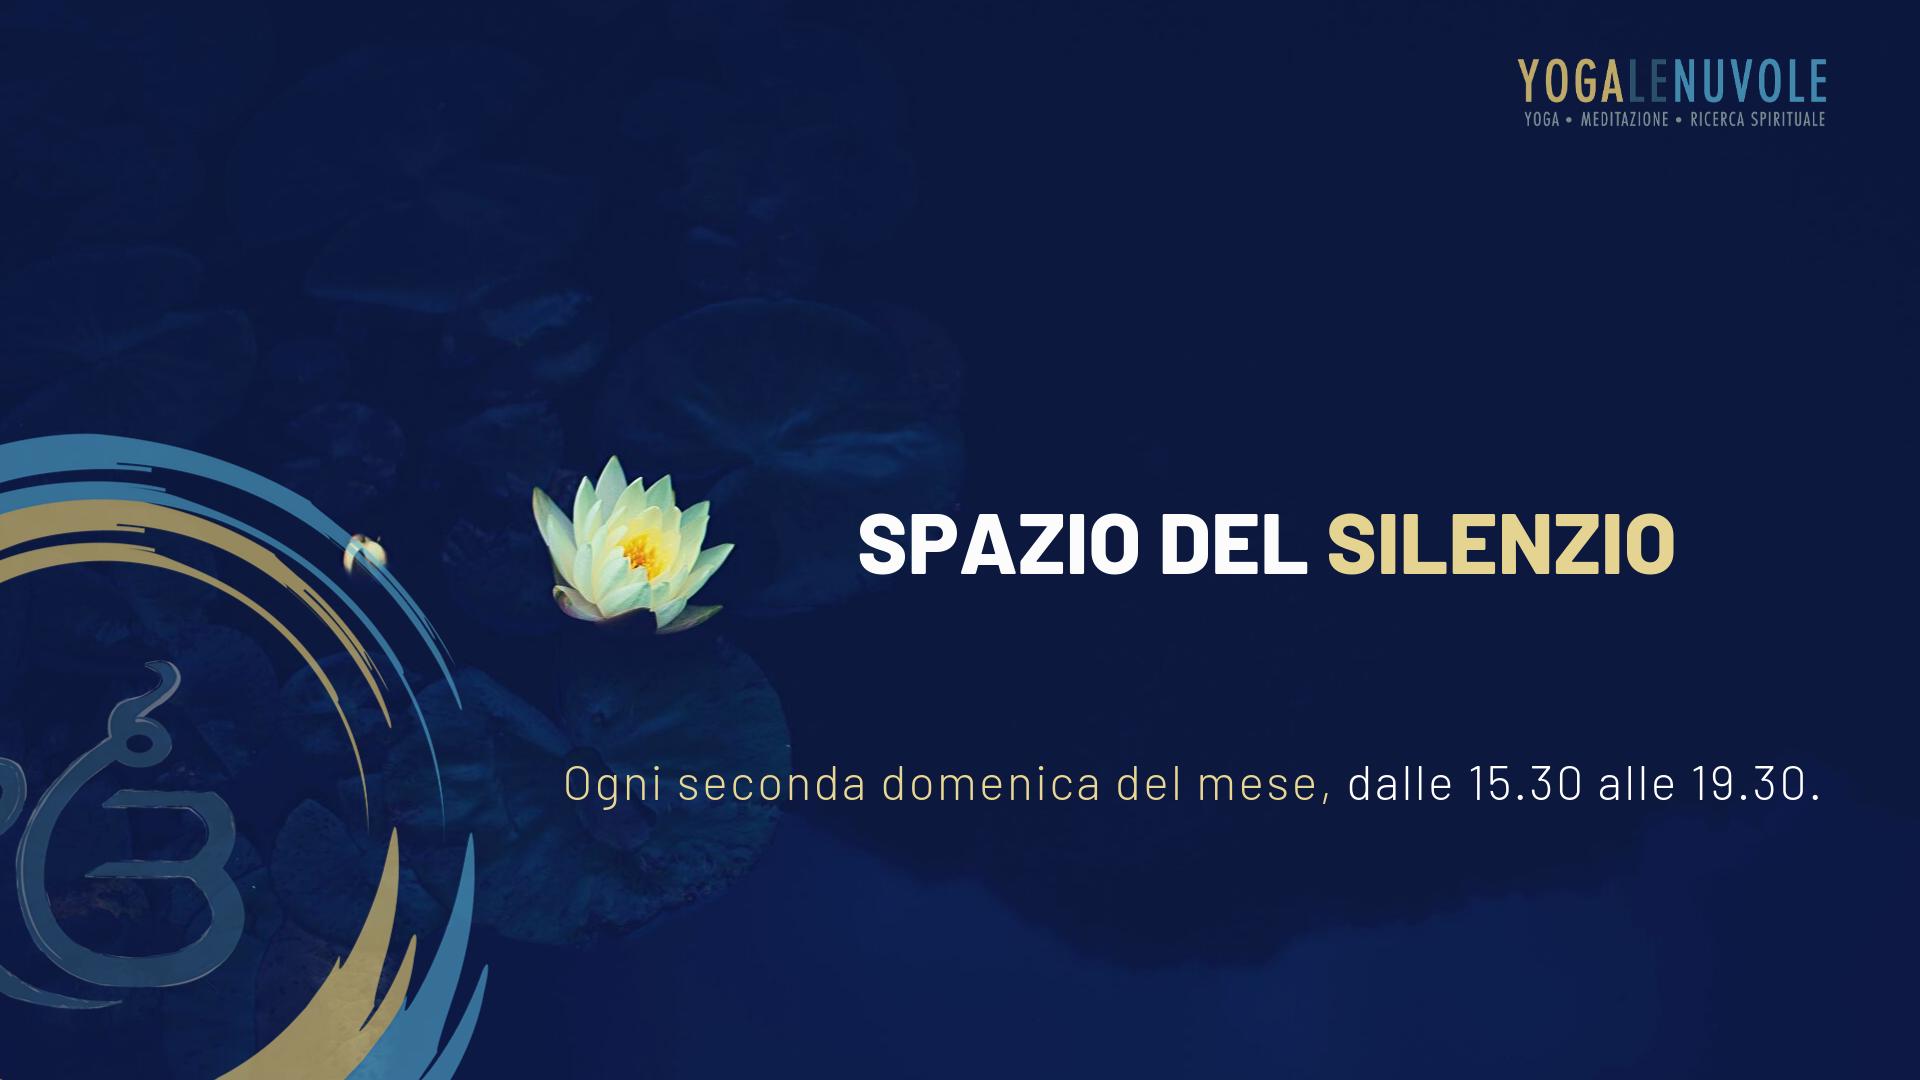 spazio del silenzio (1).png